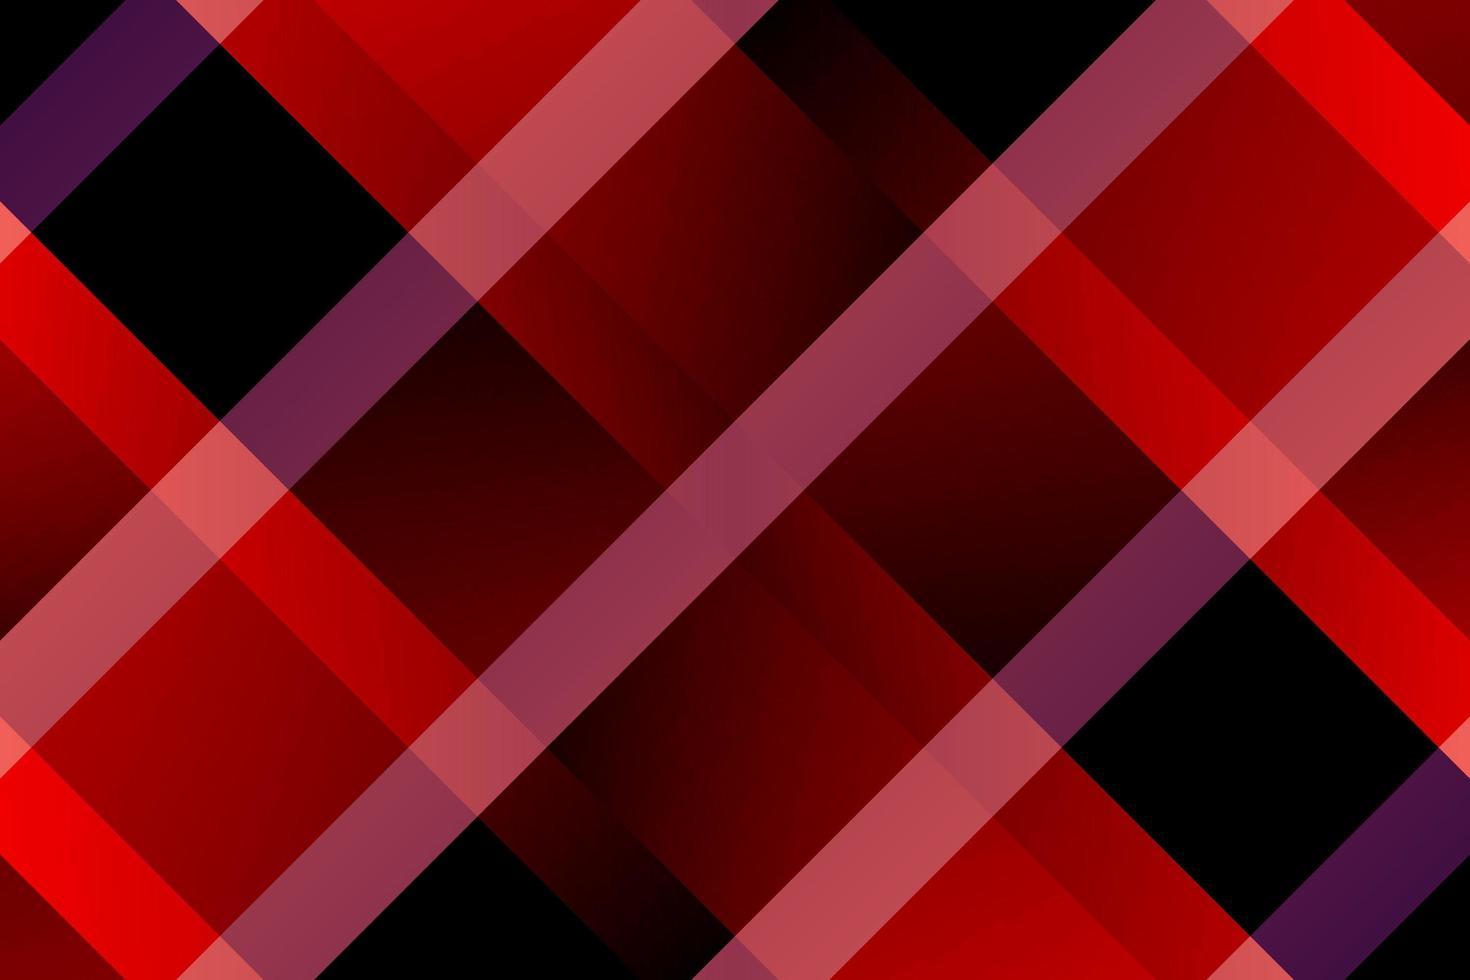 lutande röda och svarta diagonala linjer rutigt mönster vektor